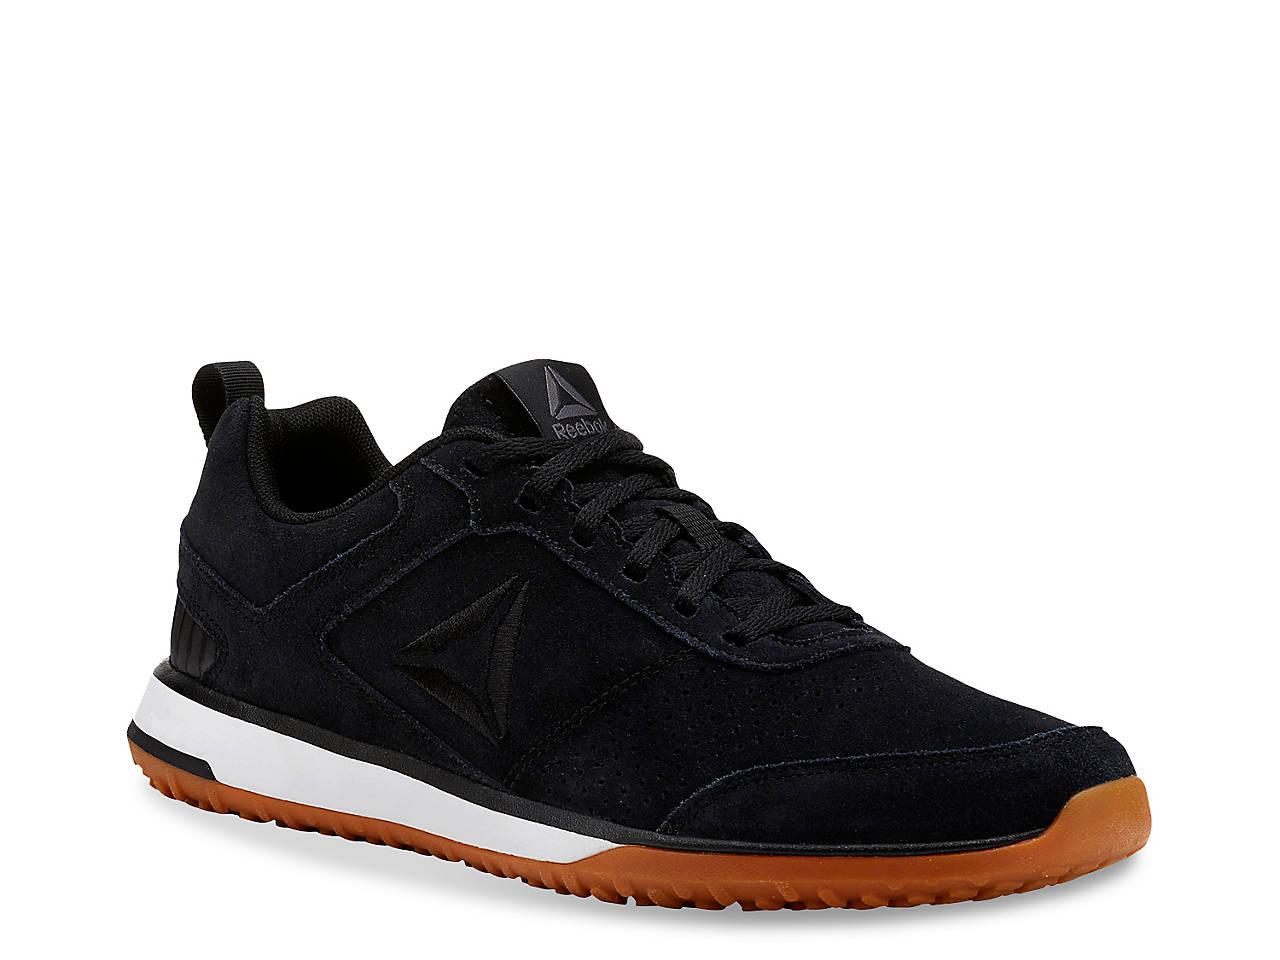 112bc4fc621b85 Reebok CXT TR Training Shoe - Men s Men s Shoes